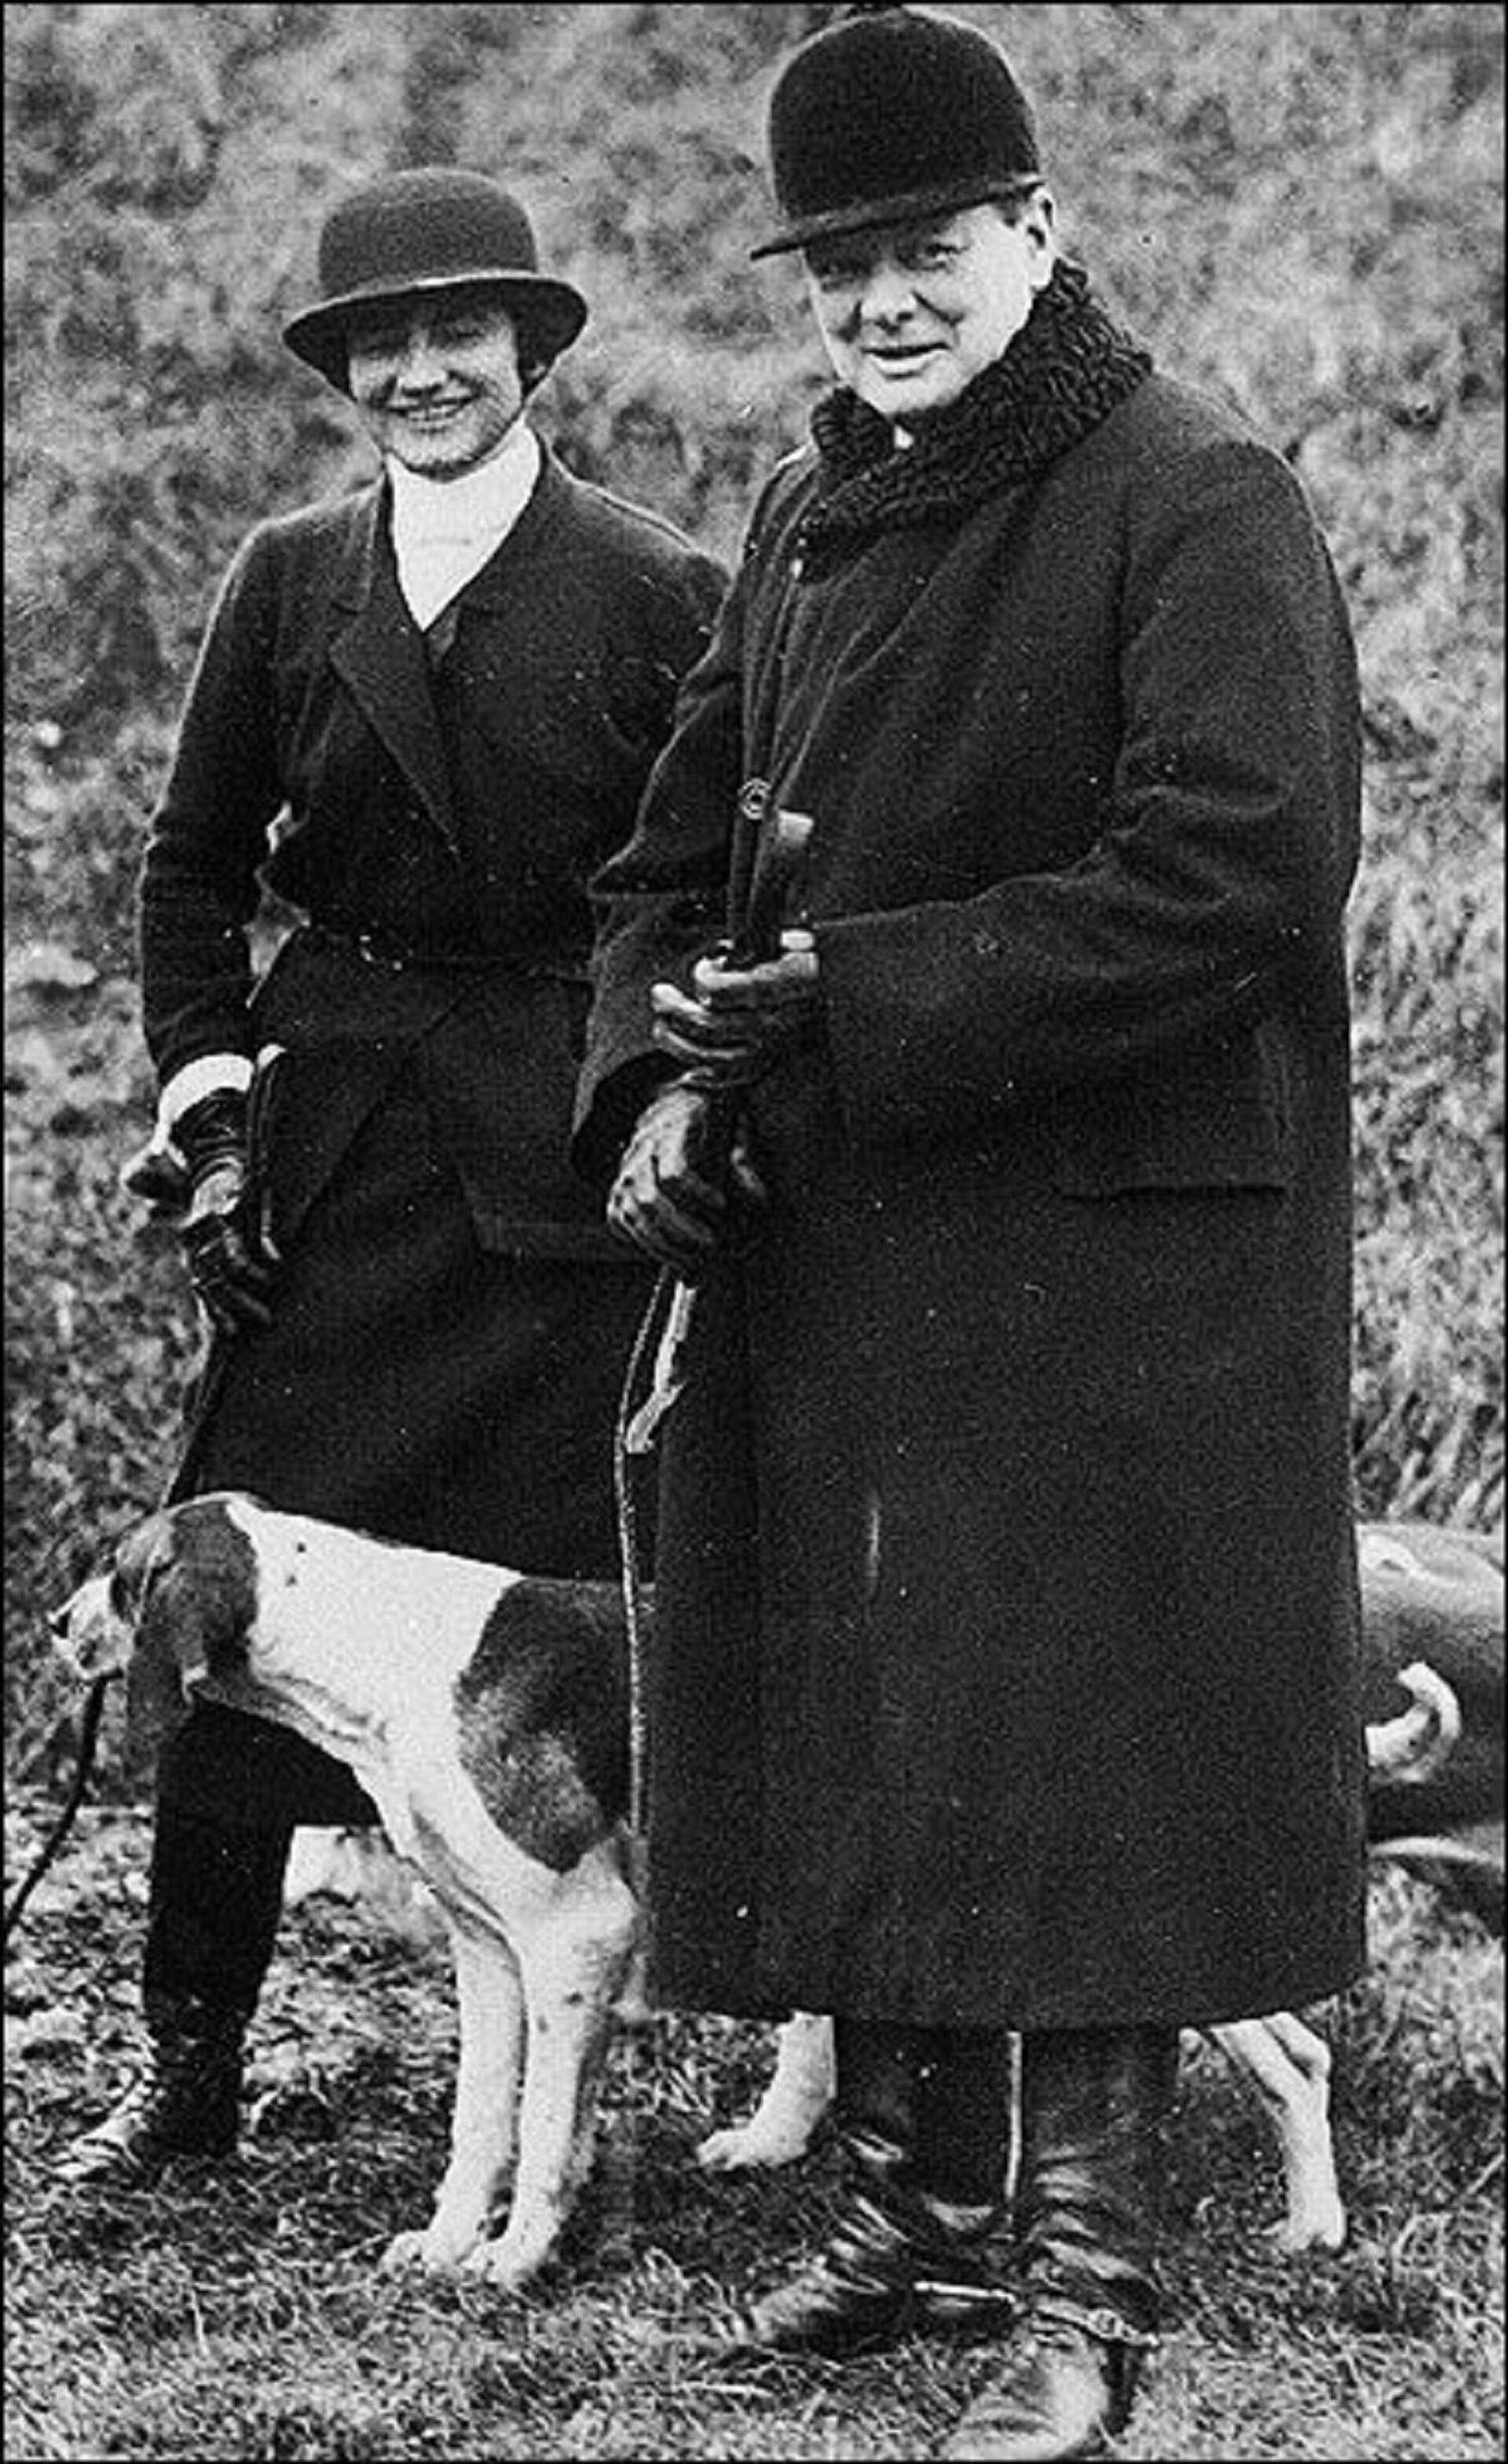 La modista francesa Coco Chanel y el primer ministro del Reino Unido, Winston Churchill, en la década de 1920 - Sputnik Mundo, 1920, 05.05.2021